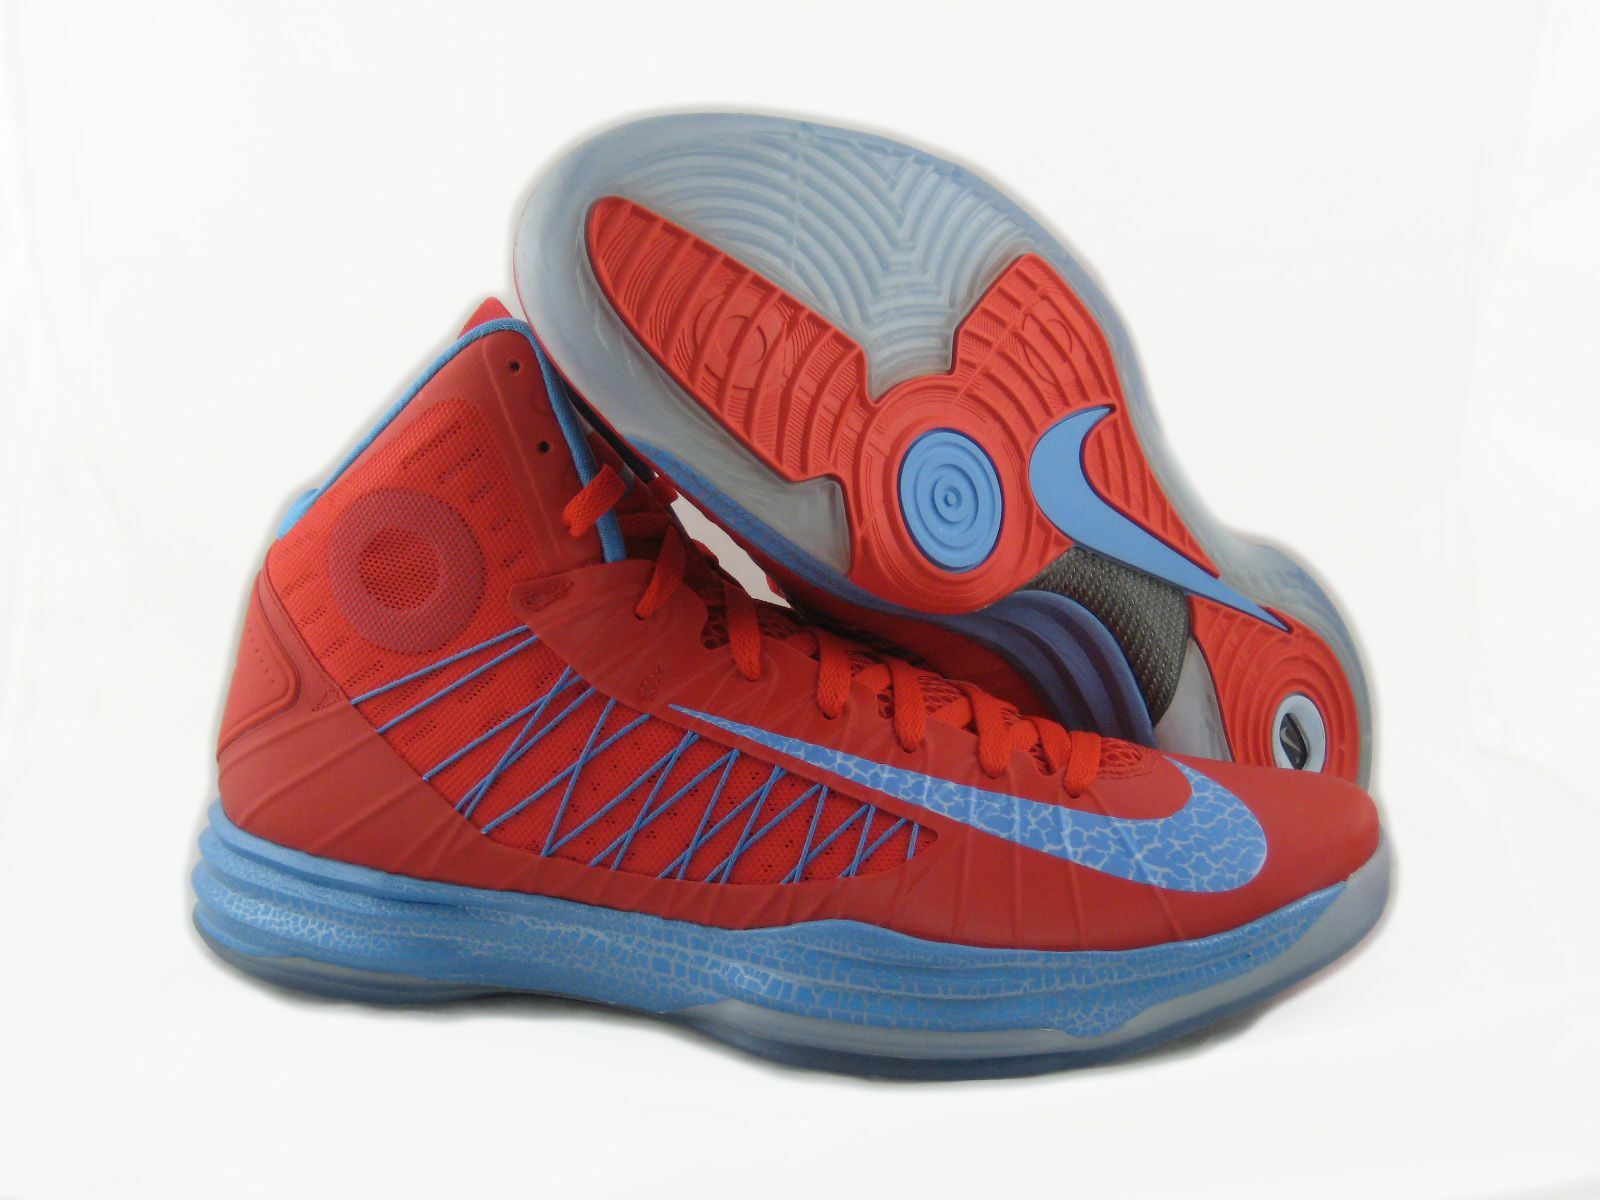 New Nike Men's Hyperdunk+ BG 32  Basketball Shoes Red/Blue 542917-600*